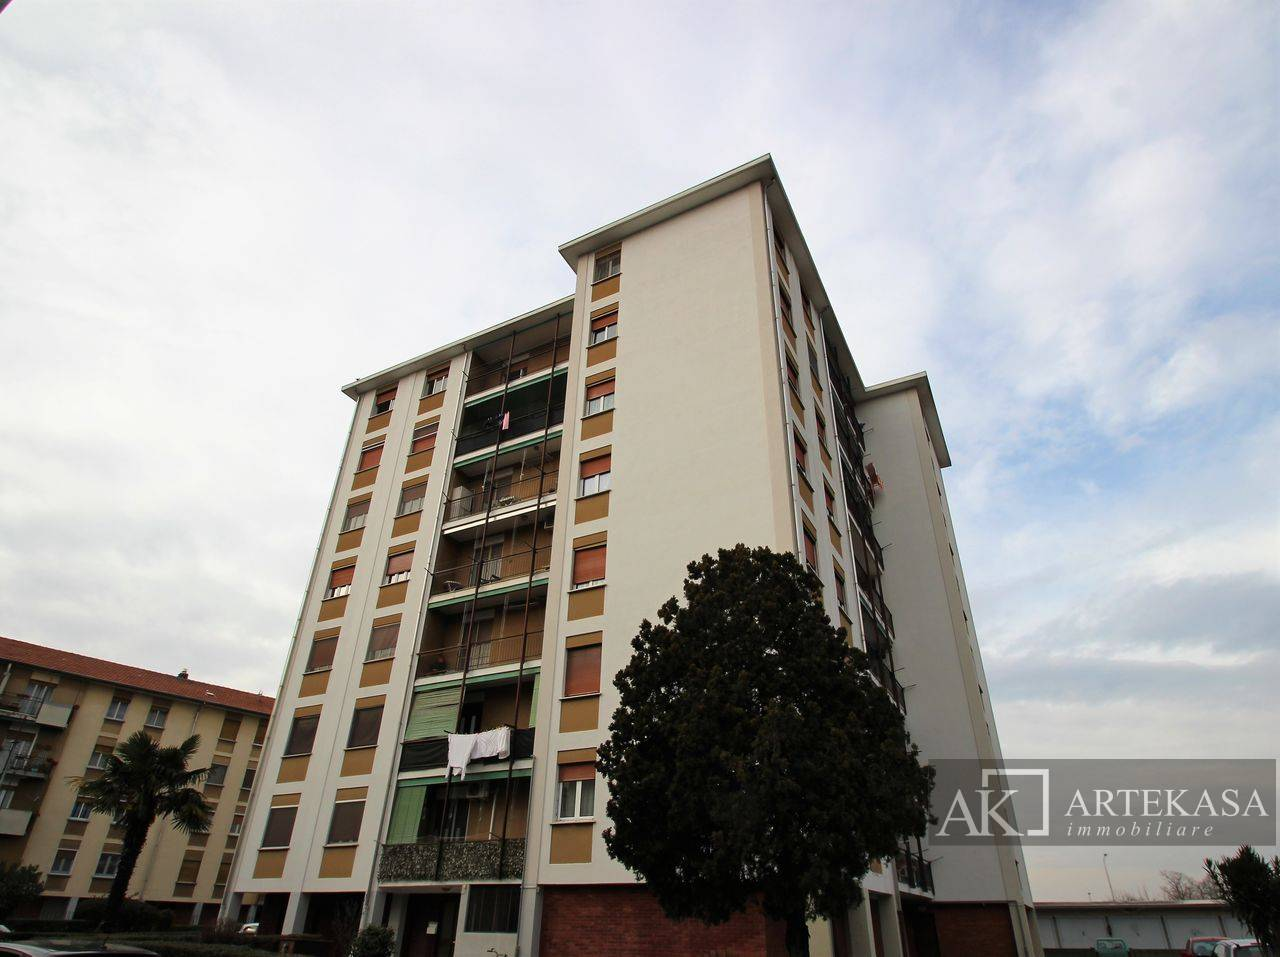 Immobiliare Sant Andrea Concorezzo categorie immobili artekasa novara - proposte immobili nuovi